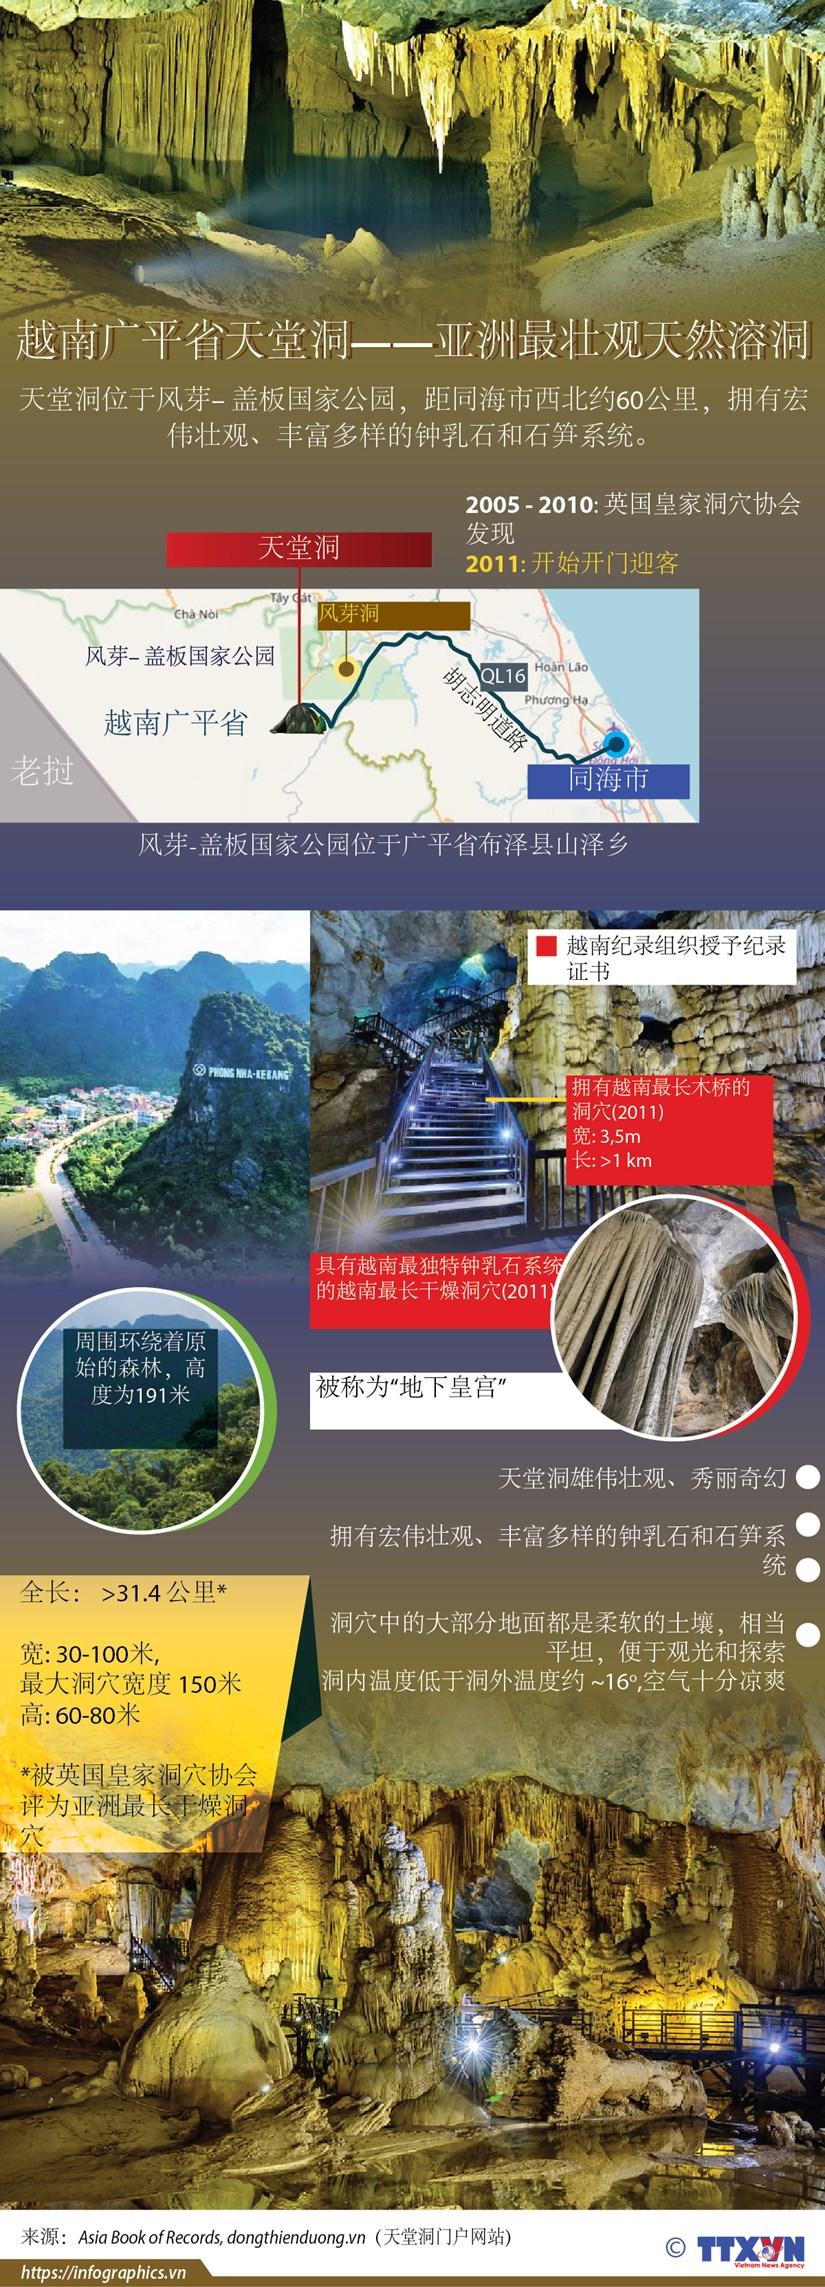 图表新闻:越南广平省天堂洞——亚洲最壮观天然溶洞穴 hinh anh 1